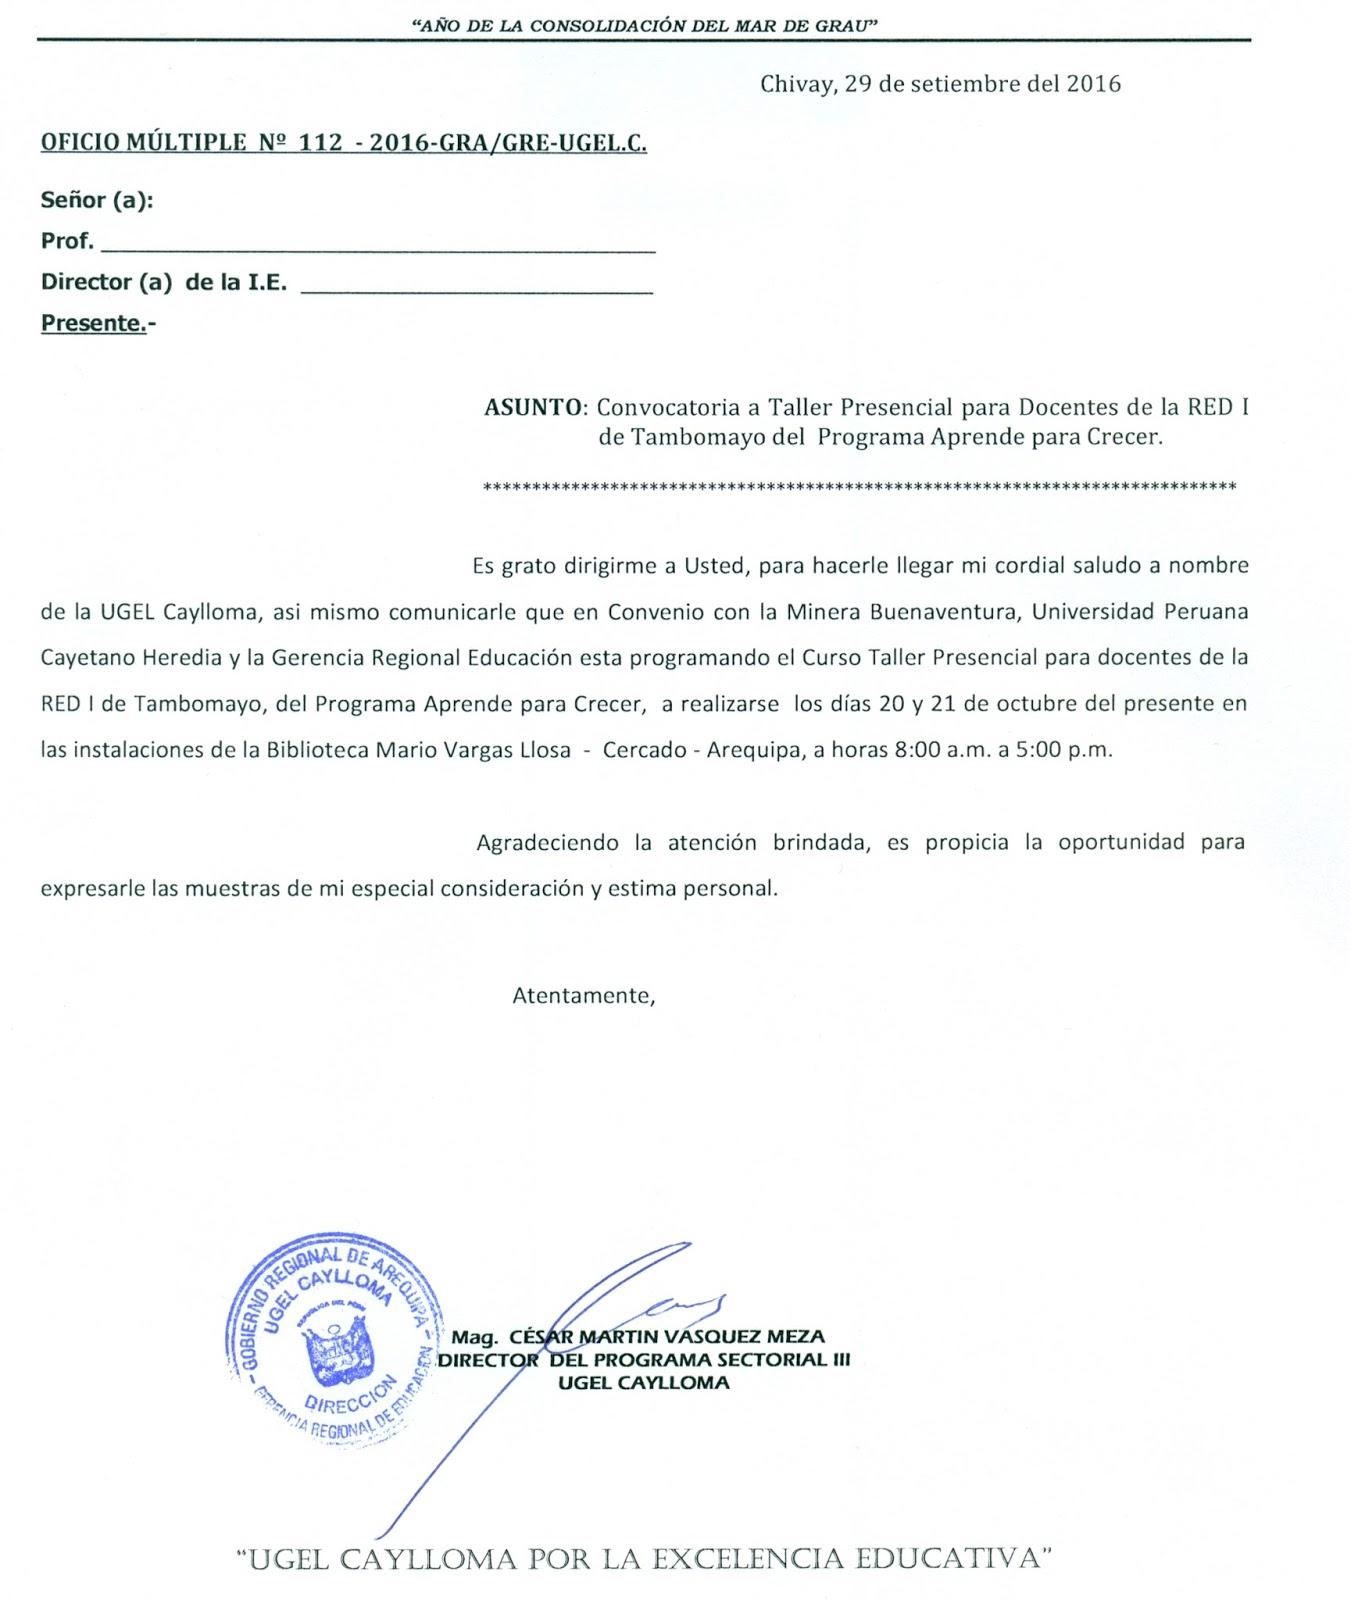 Convocatoria a taller presencial para docentes de la red i for Convocatoria para docentes